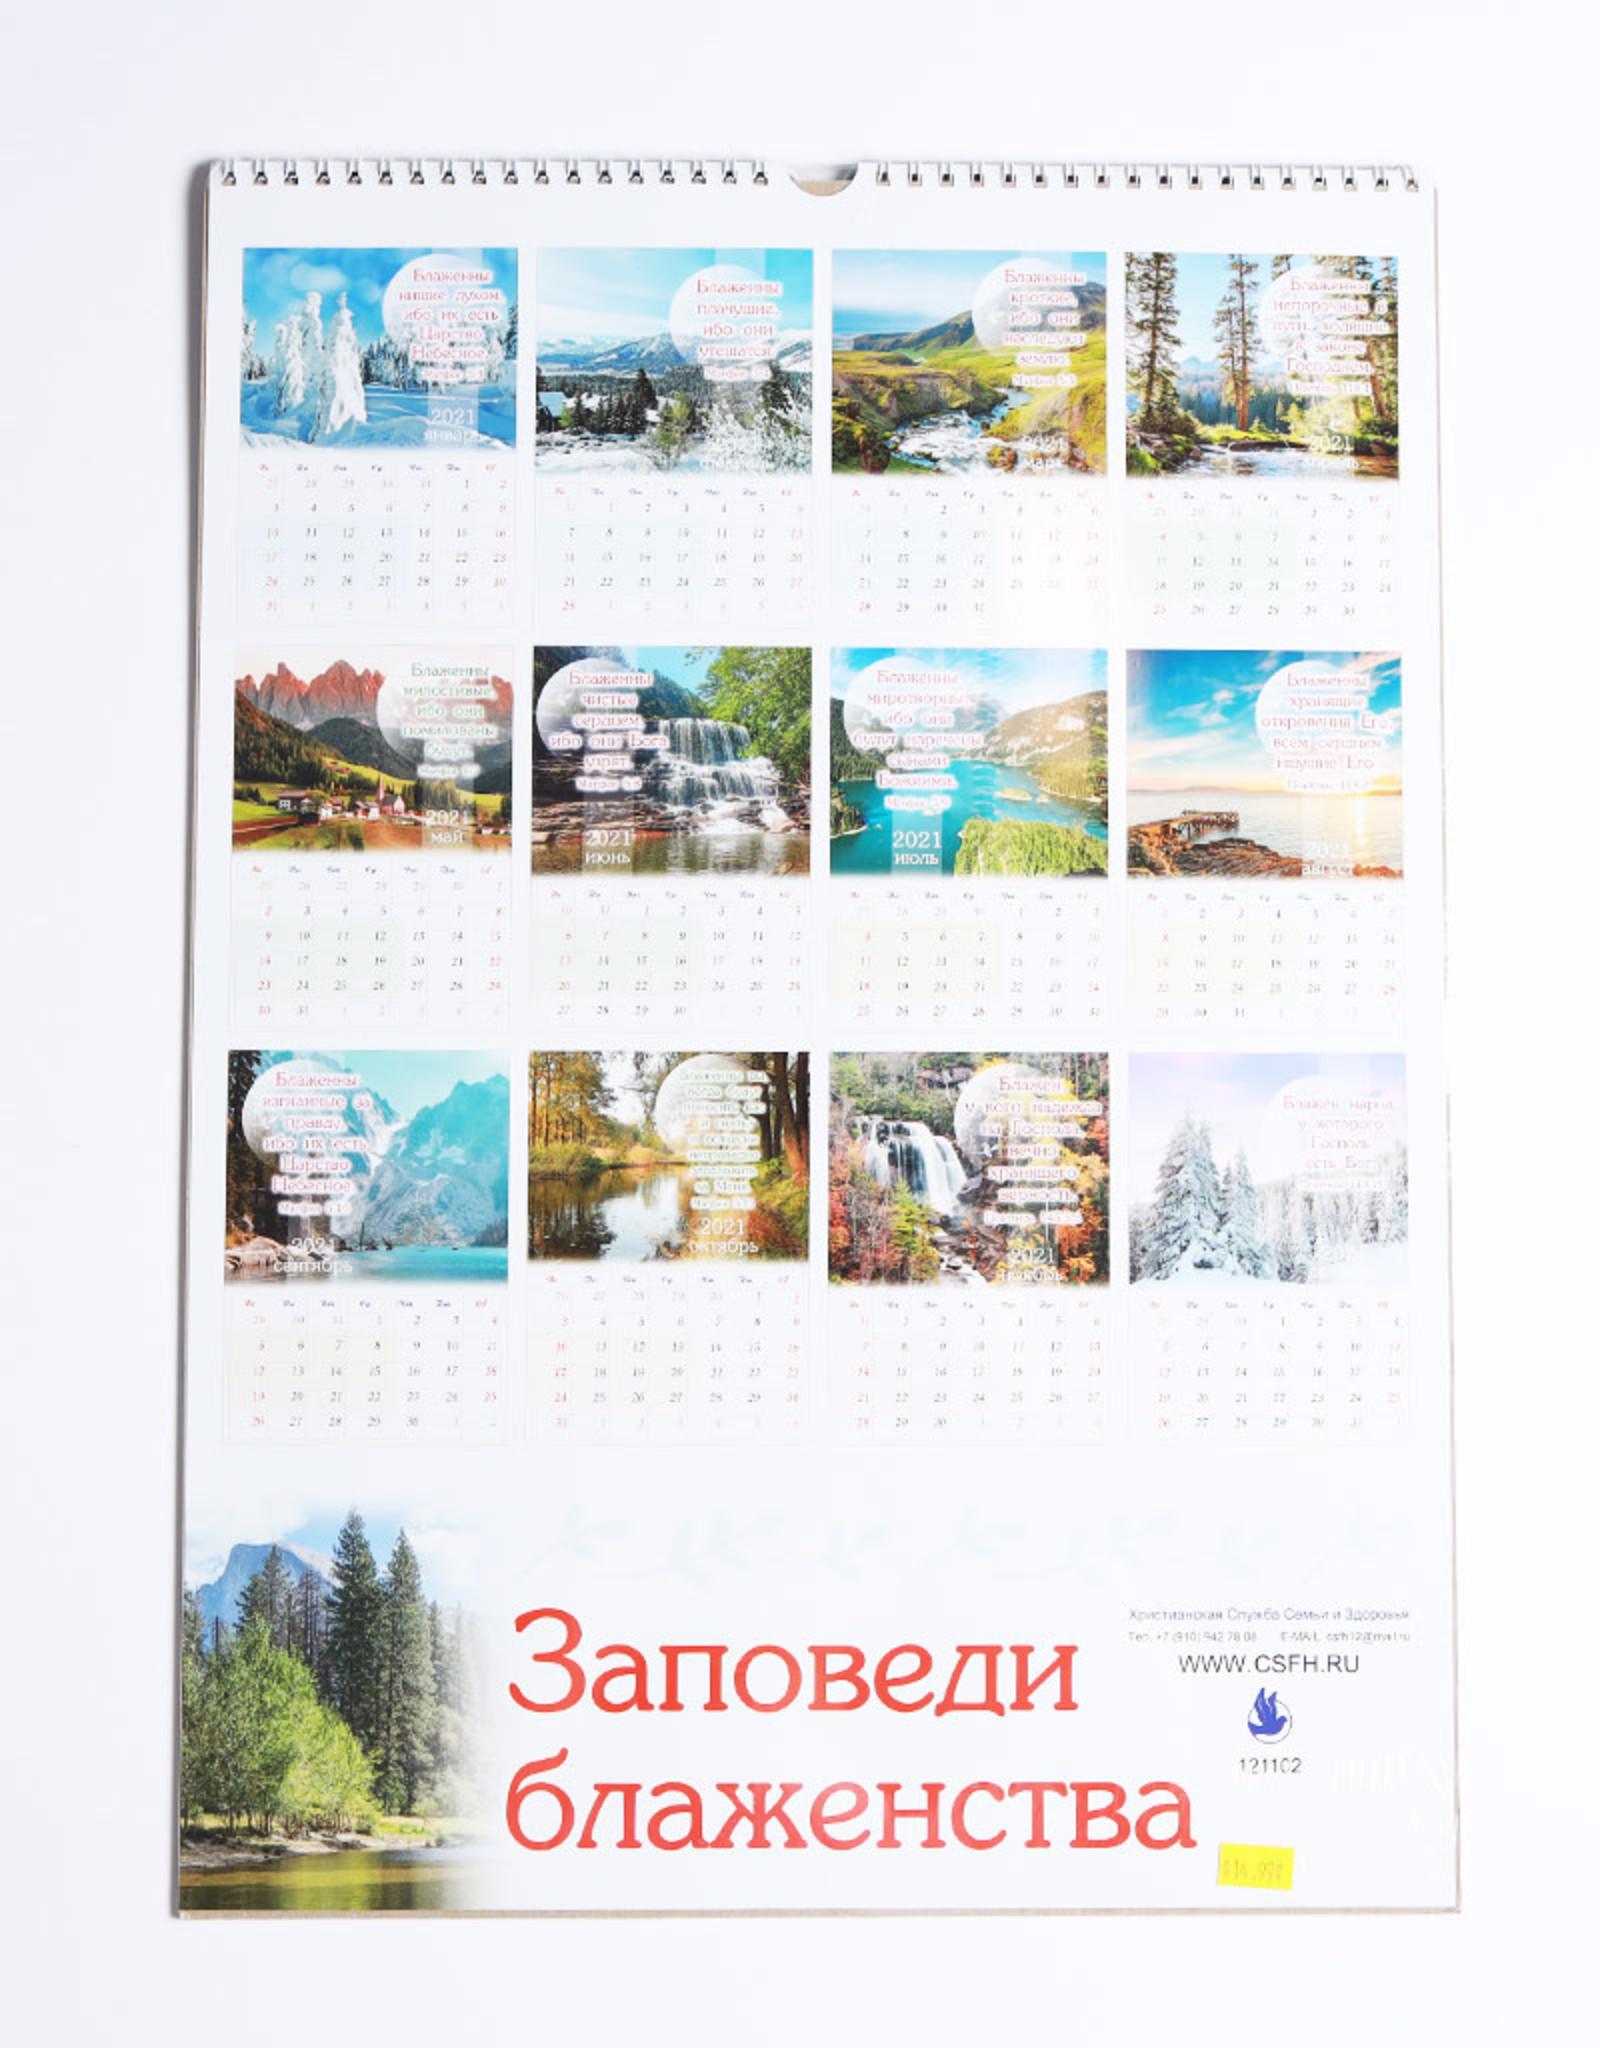 Заповеди Блаженства, Календарь